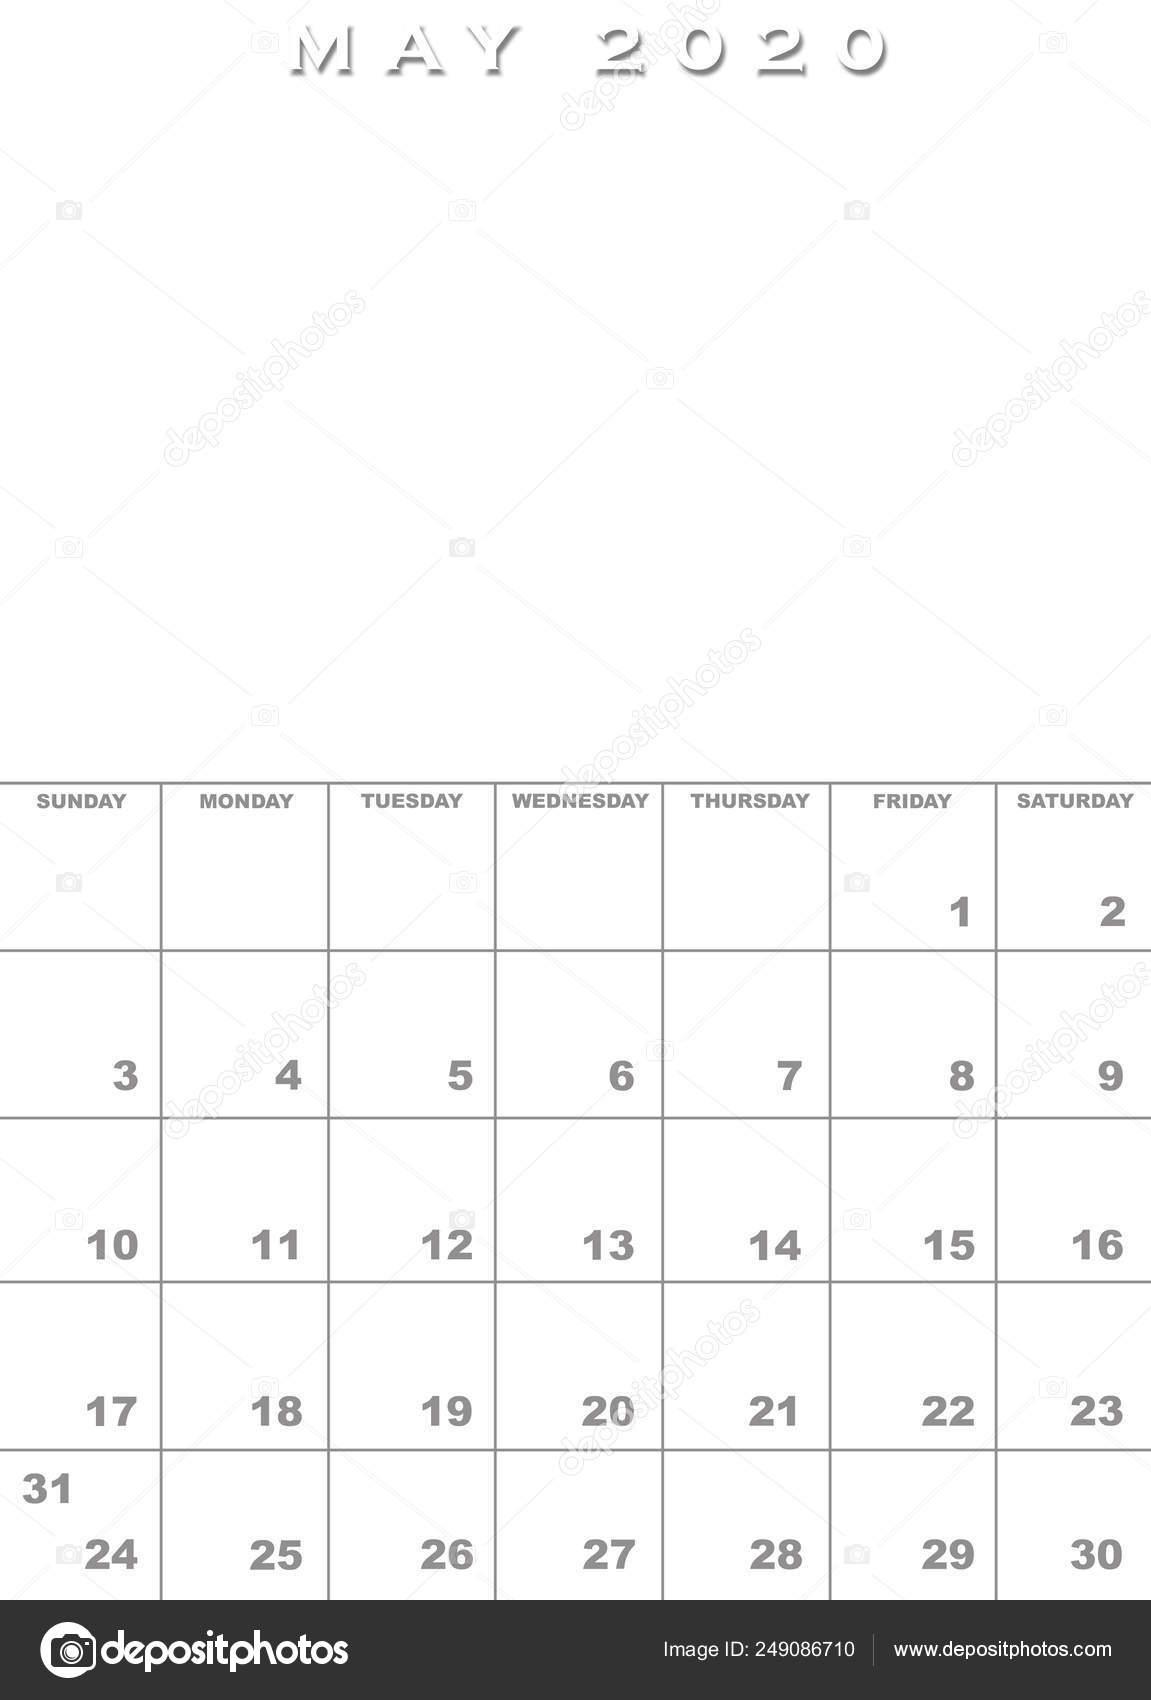 Calendario Di Maggio 2020.Modello Di Calendario Maggio 2020 Foto Stock C Paulvinten